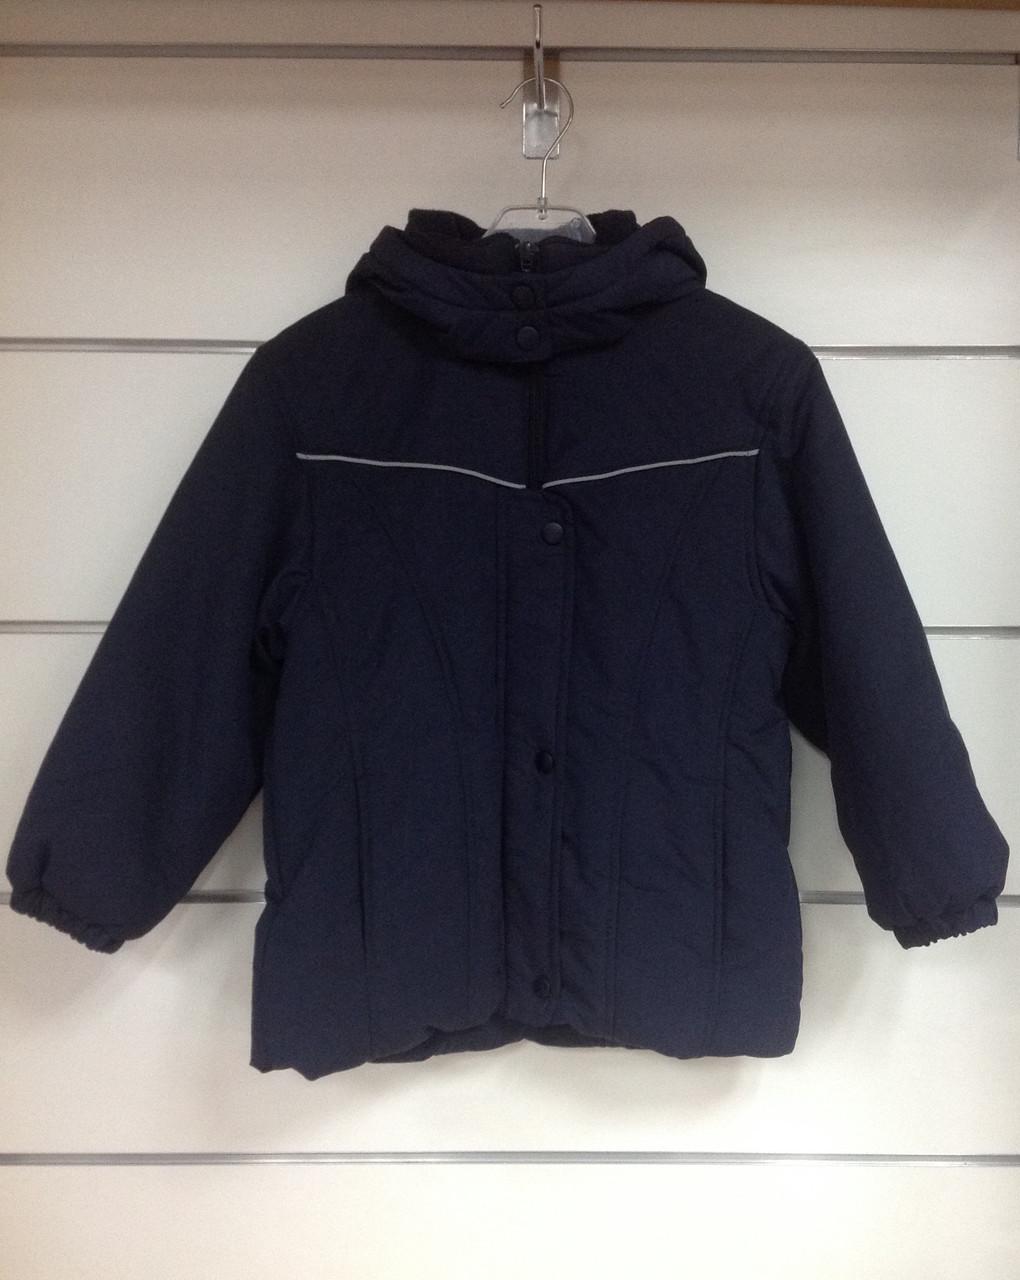 Куртка темно синяя для мальчика удлиненная с капюшоном